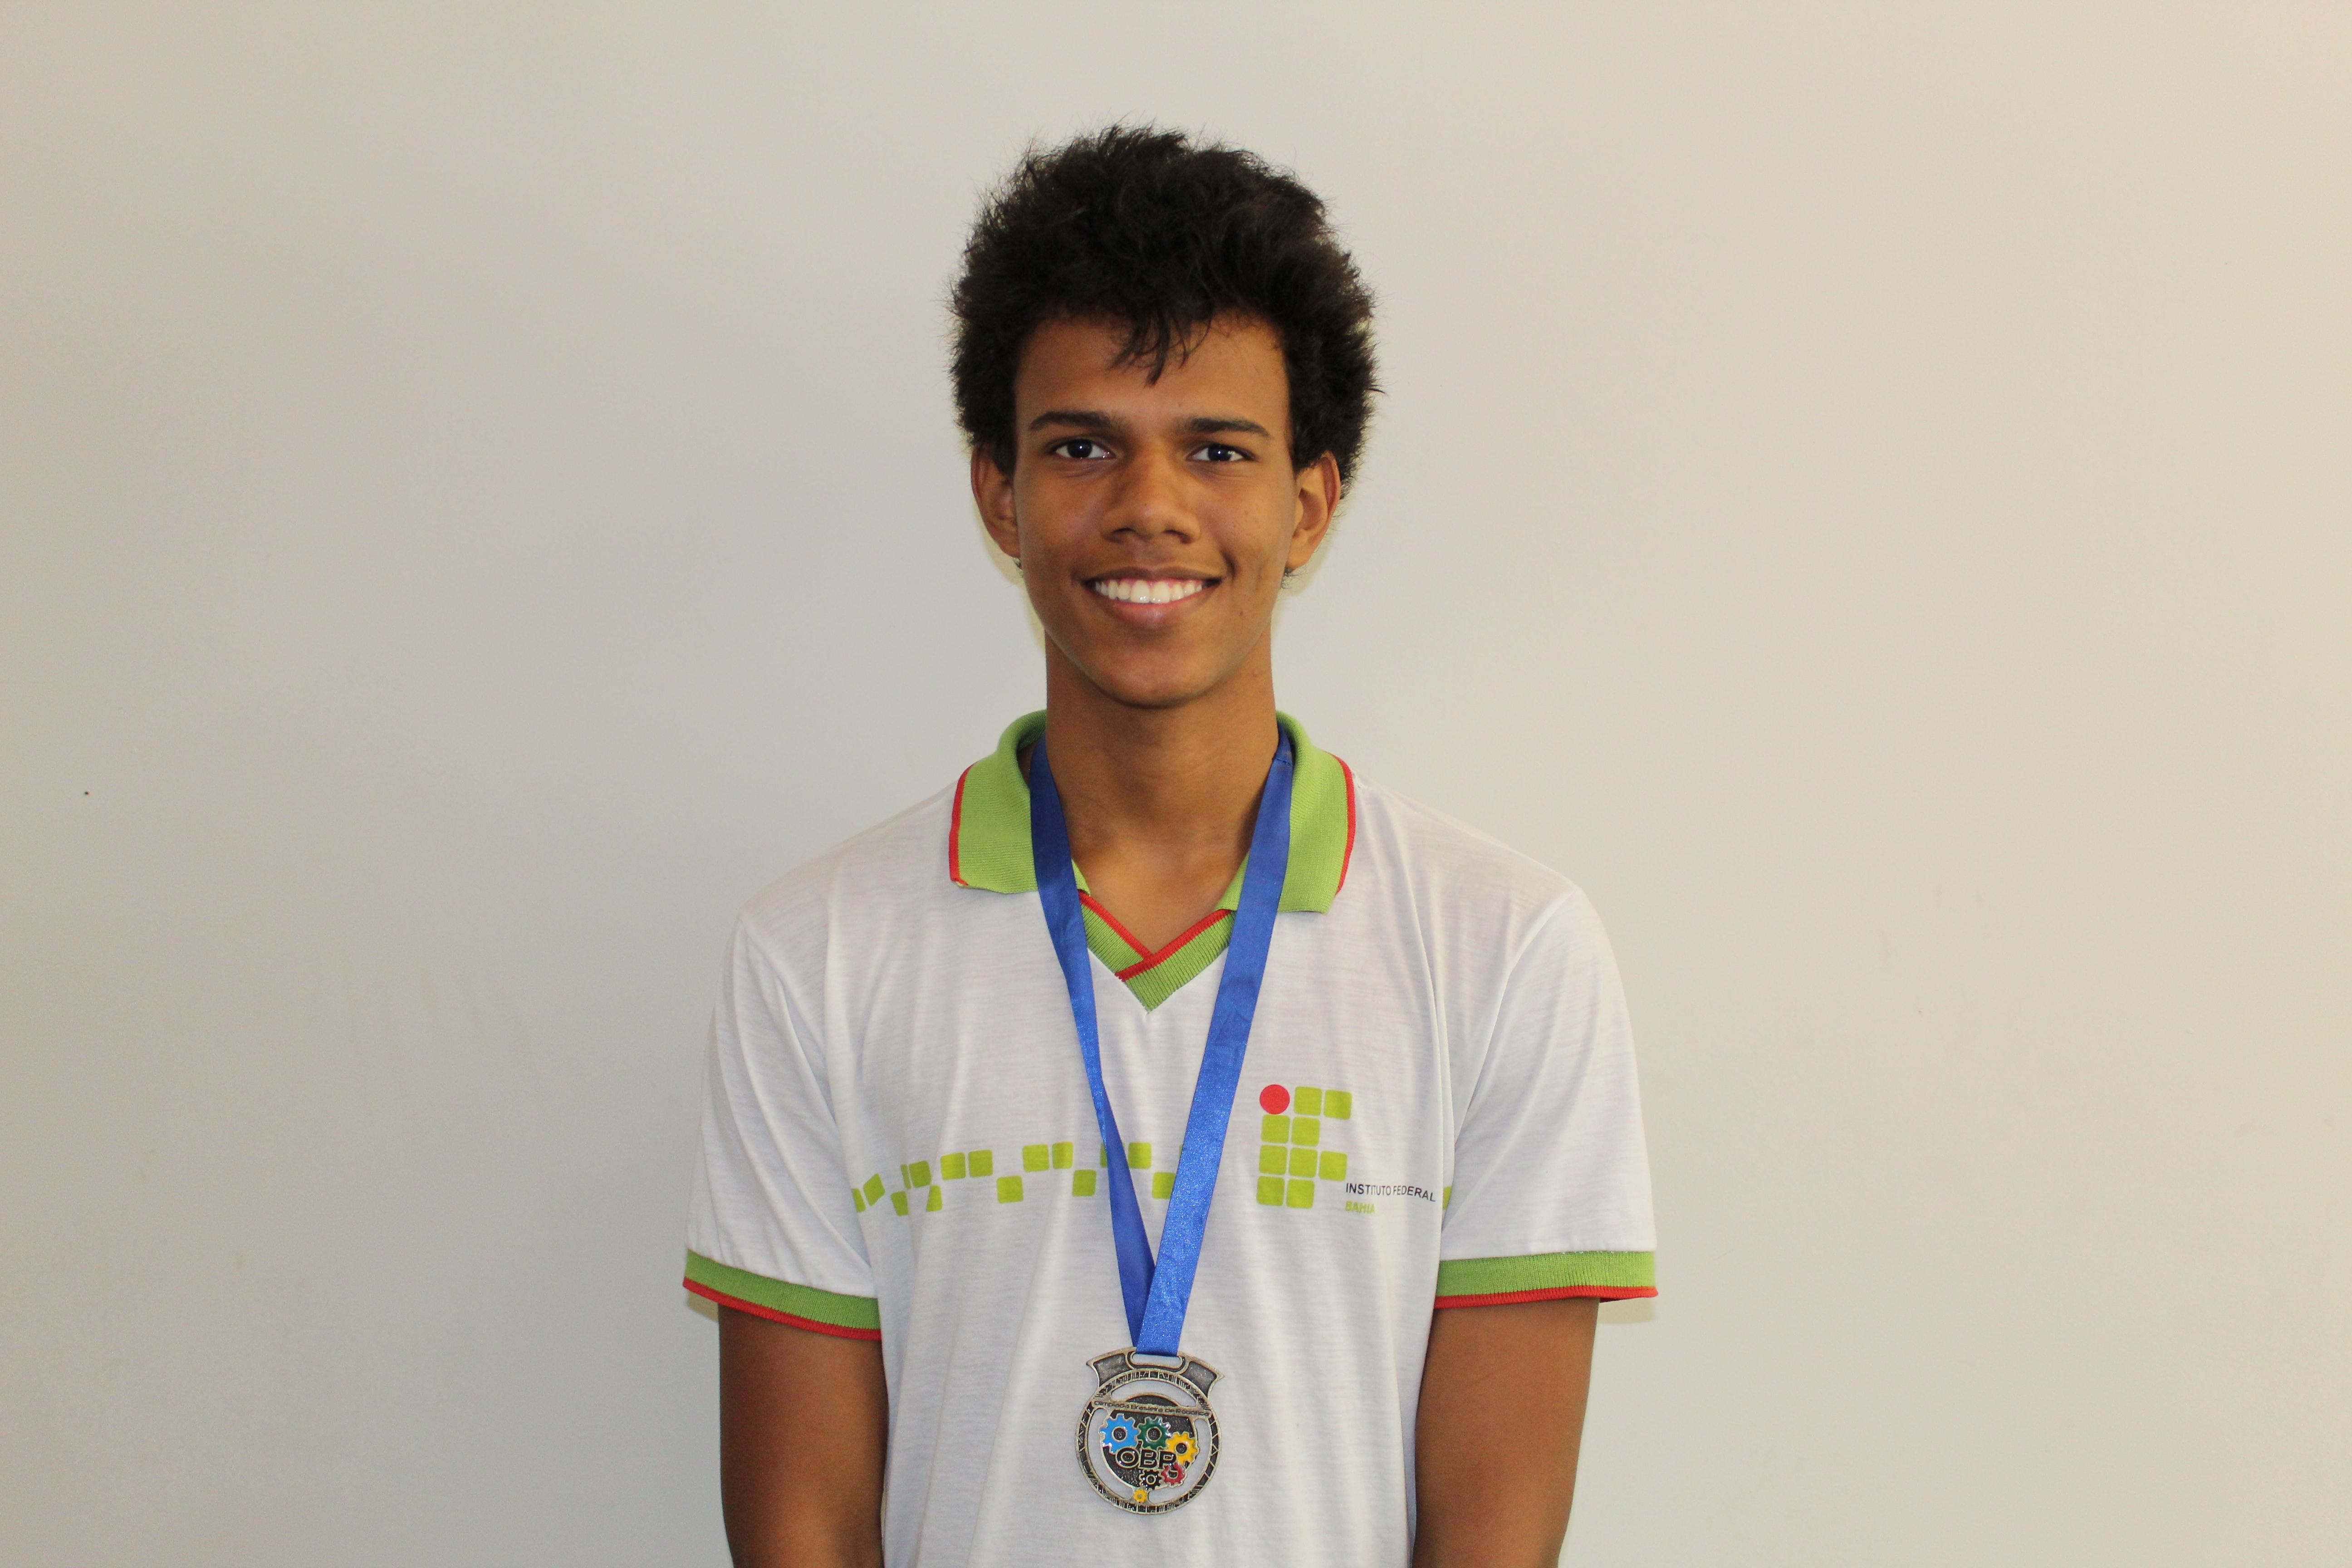 Estudante do Campus Jacobina do IFBA conquista medalha na Olimpíada Brasileira de Robótica